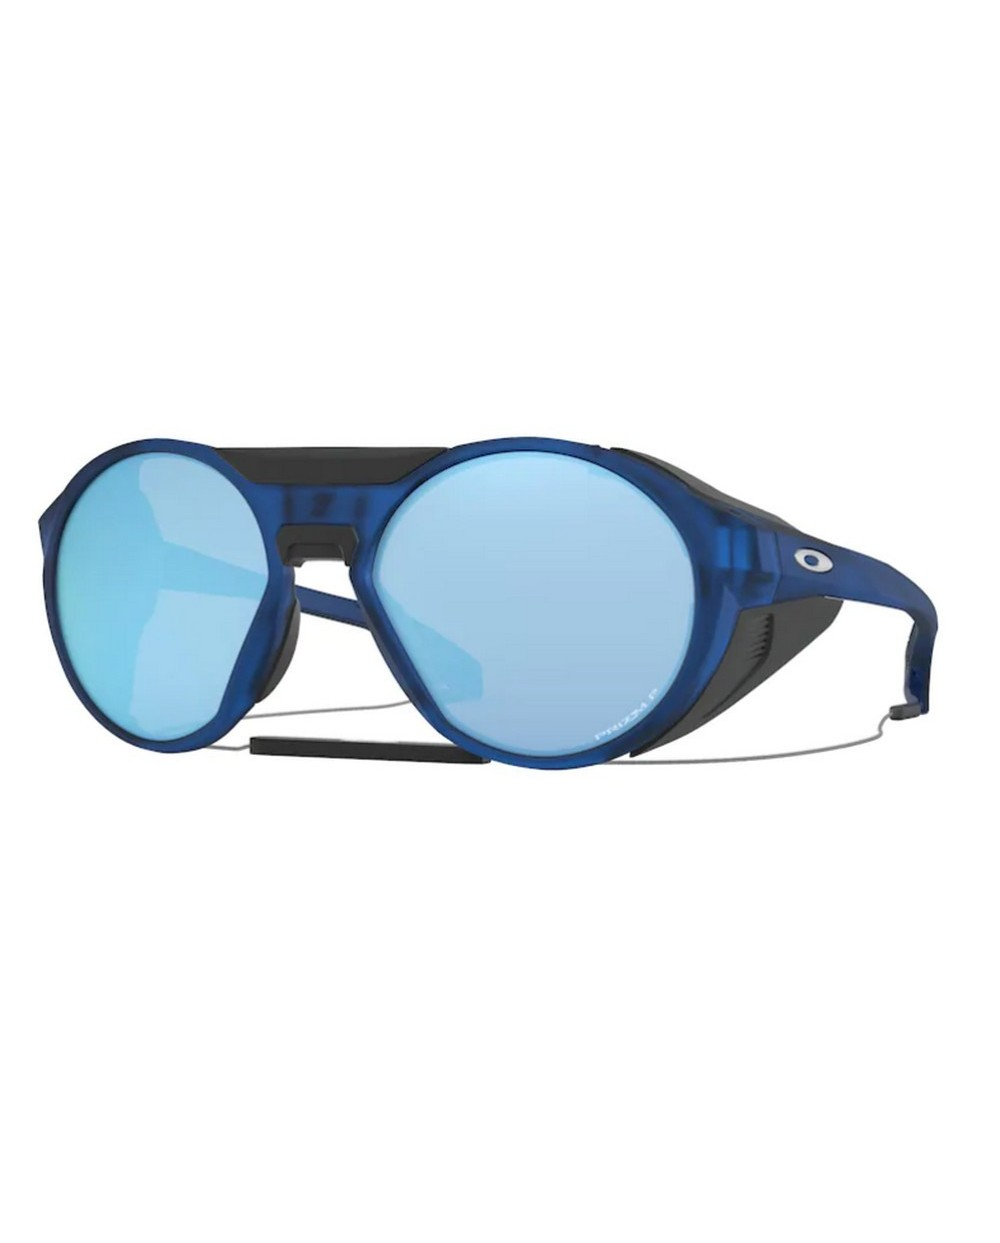 Occhiale da sole Oakley OO 9440 Clifden originale garanzia italia